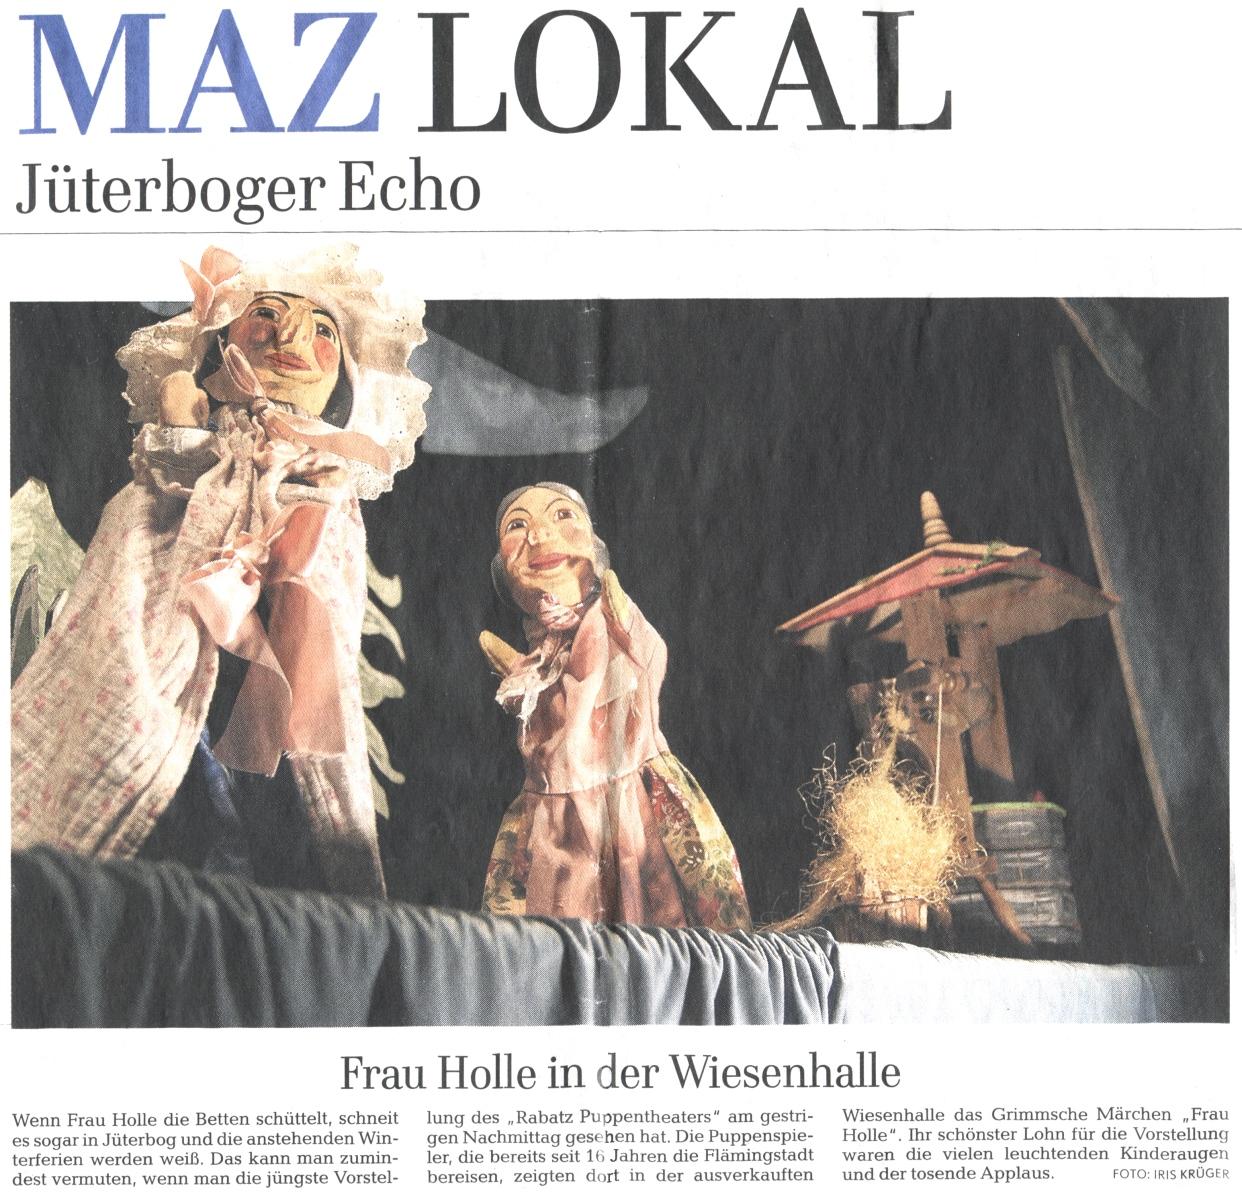 Rabatz Puppentheater in der Wiesenhalle